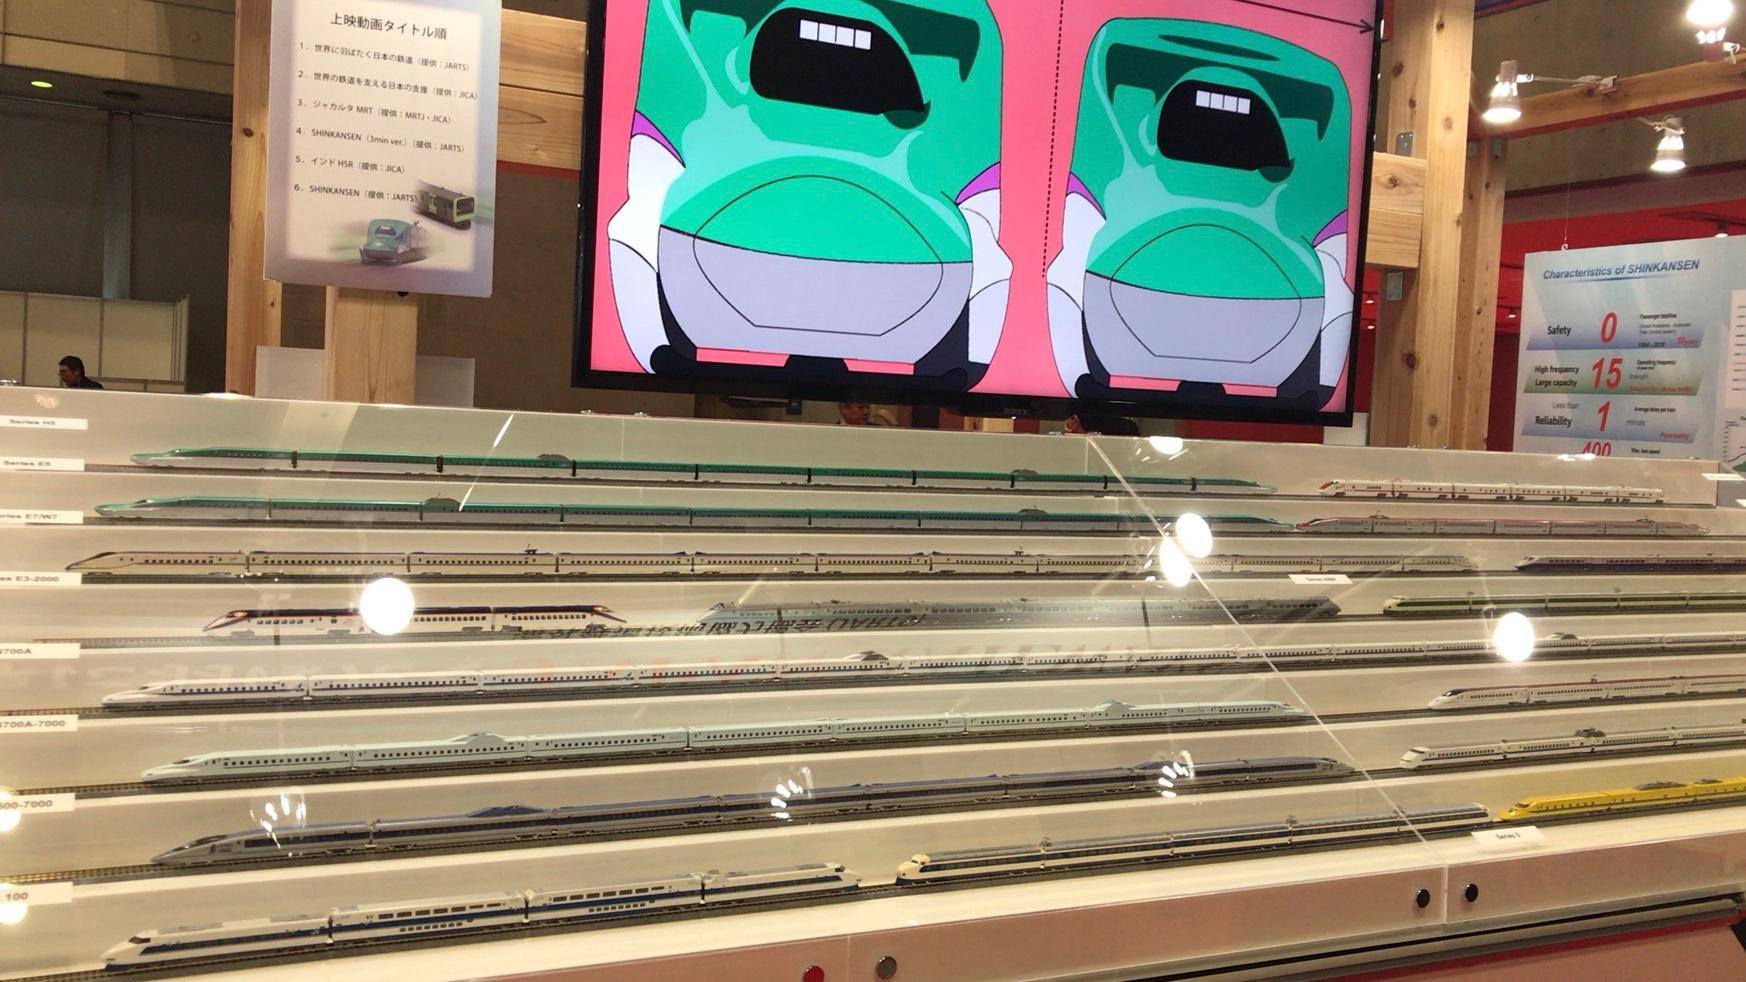 新幹線のPR展示です。ちなみに全てTOMIX製品です。